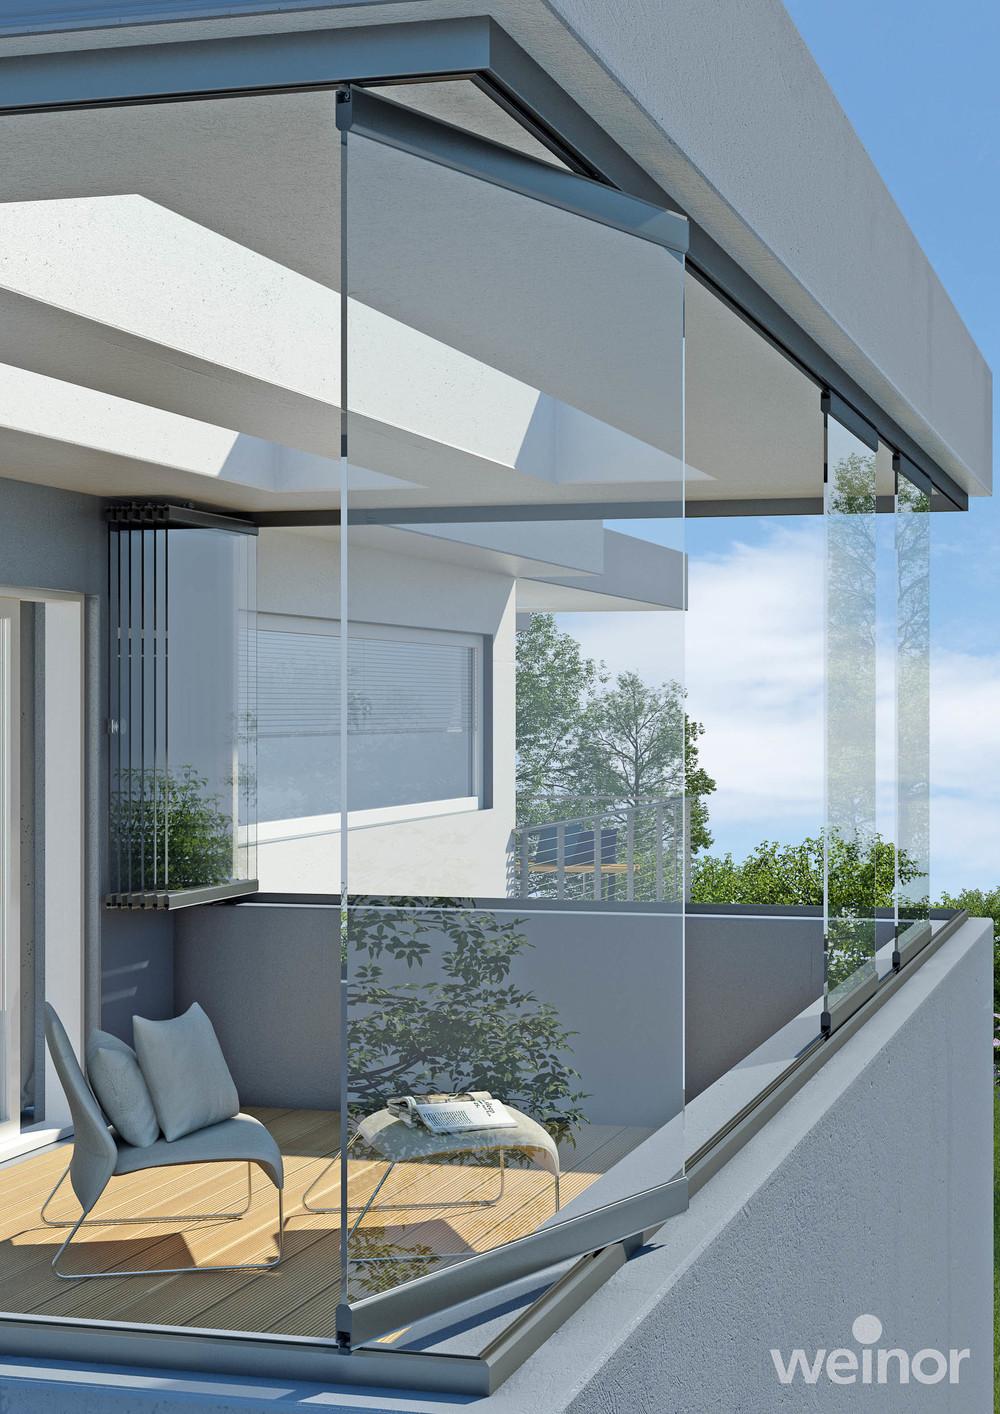 Ganzglaselemente auf Balkon/Loggia